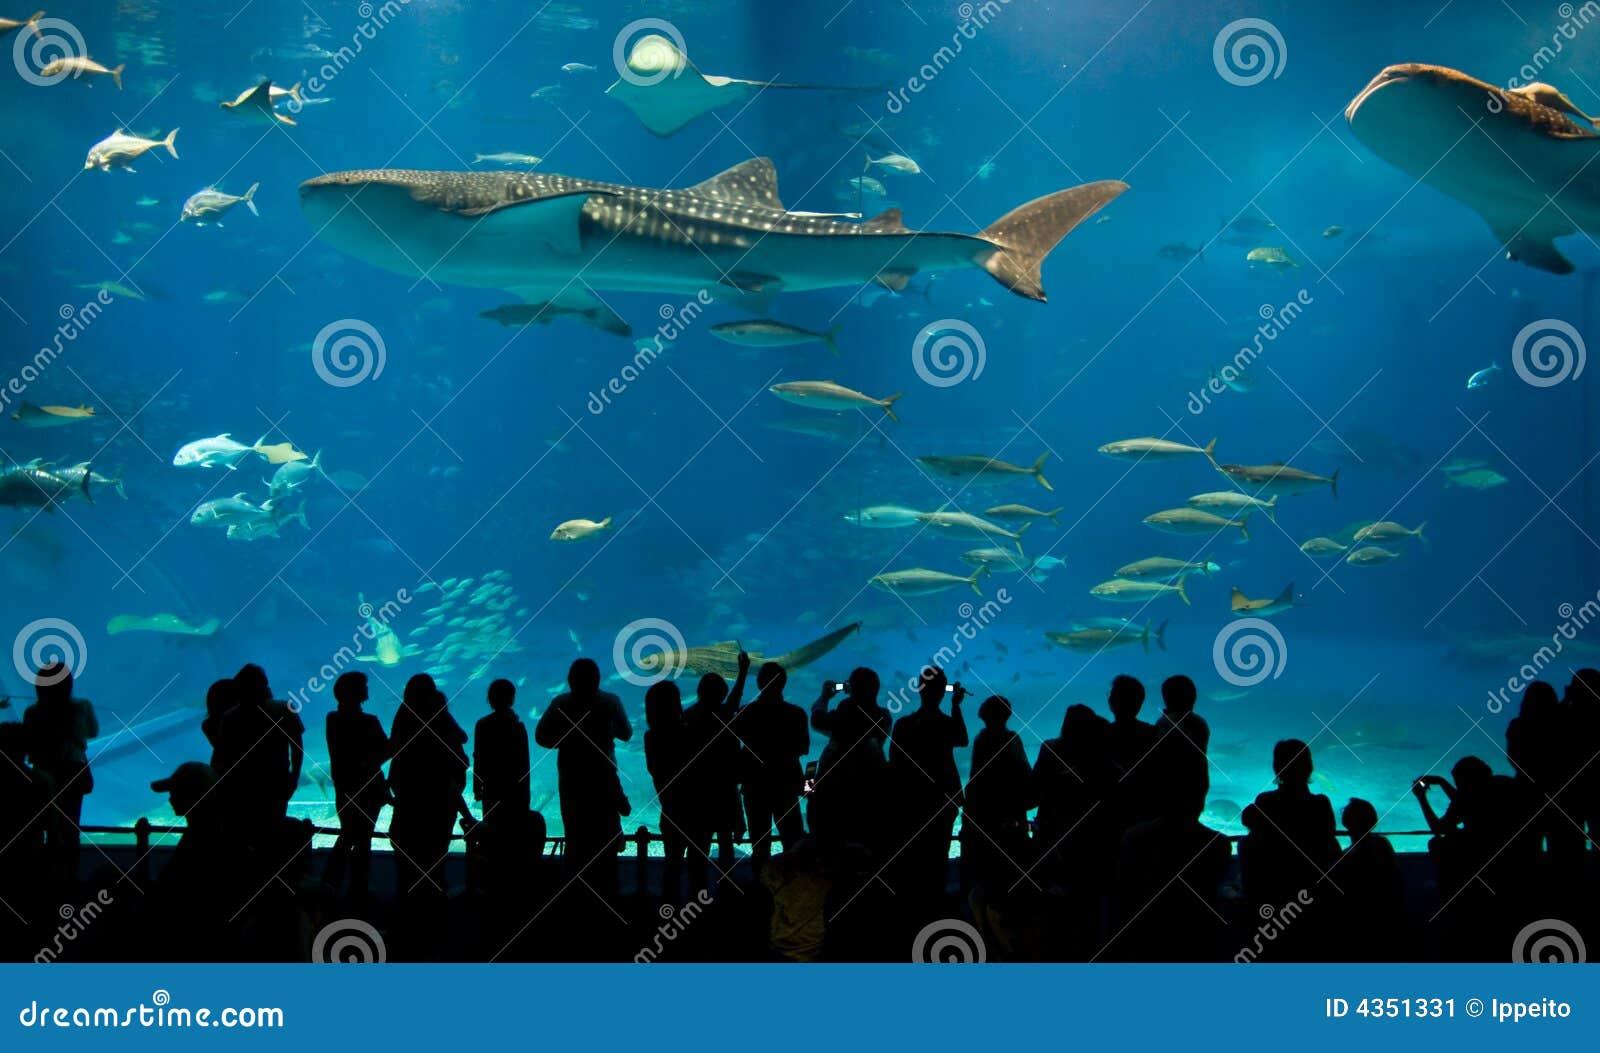 Worlds Largest Acrylic Aquarium Stock Image - Image: 4351331